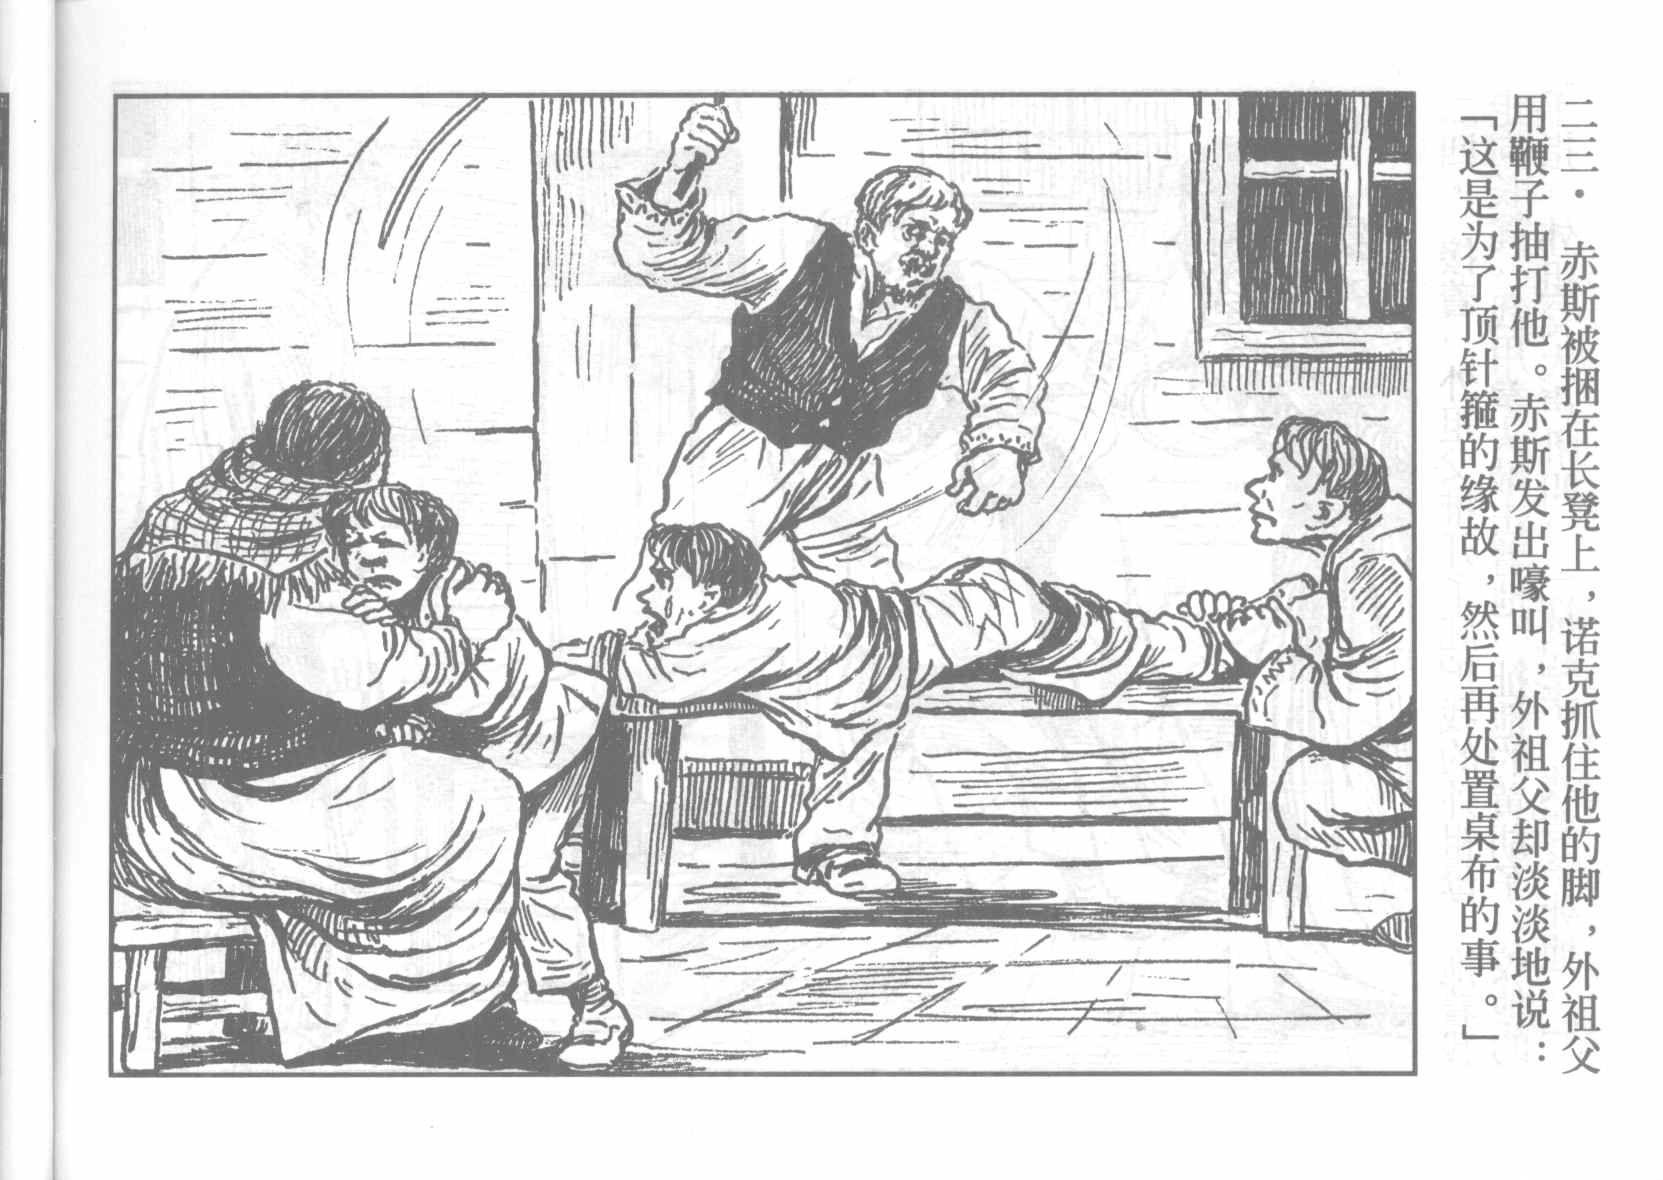 动漫 简笔画 卡通 漫画 手绘 头像 线稿 1663_1180